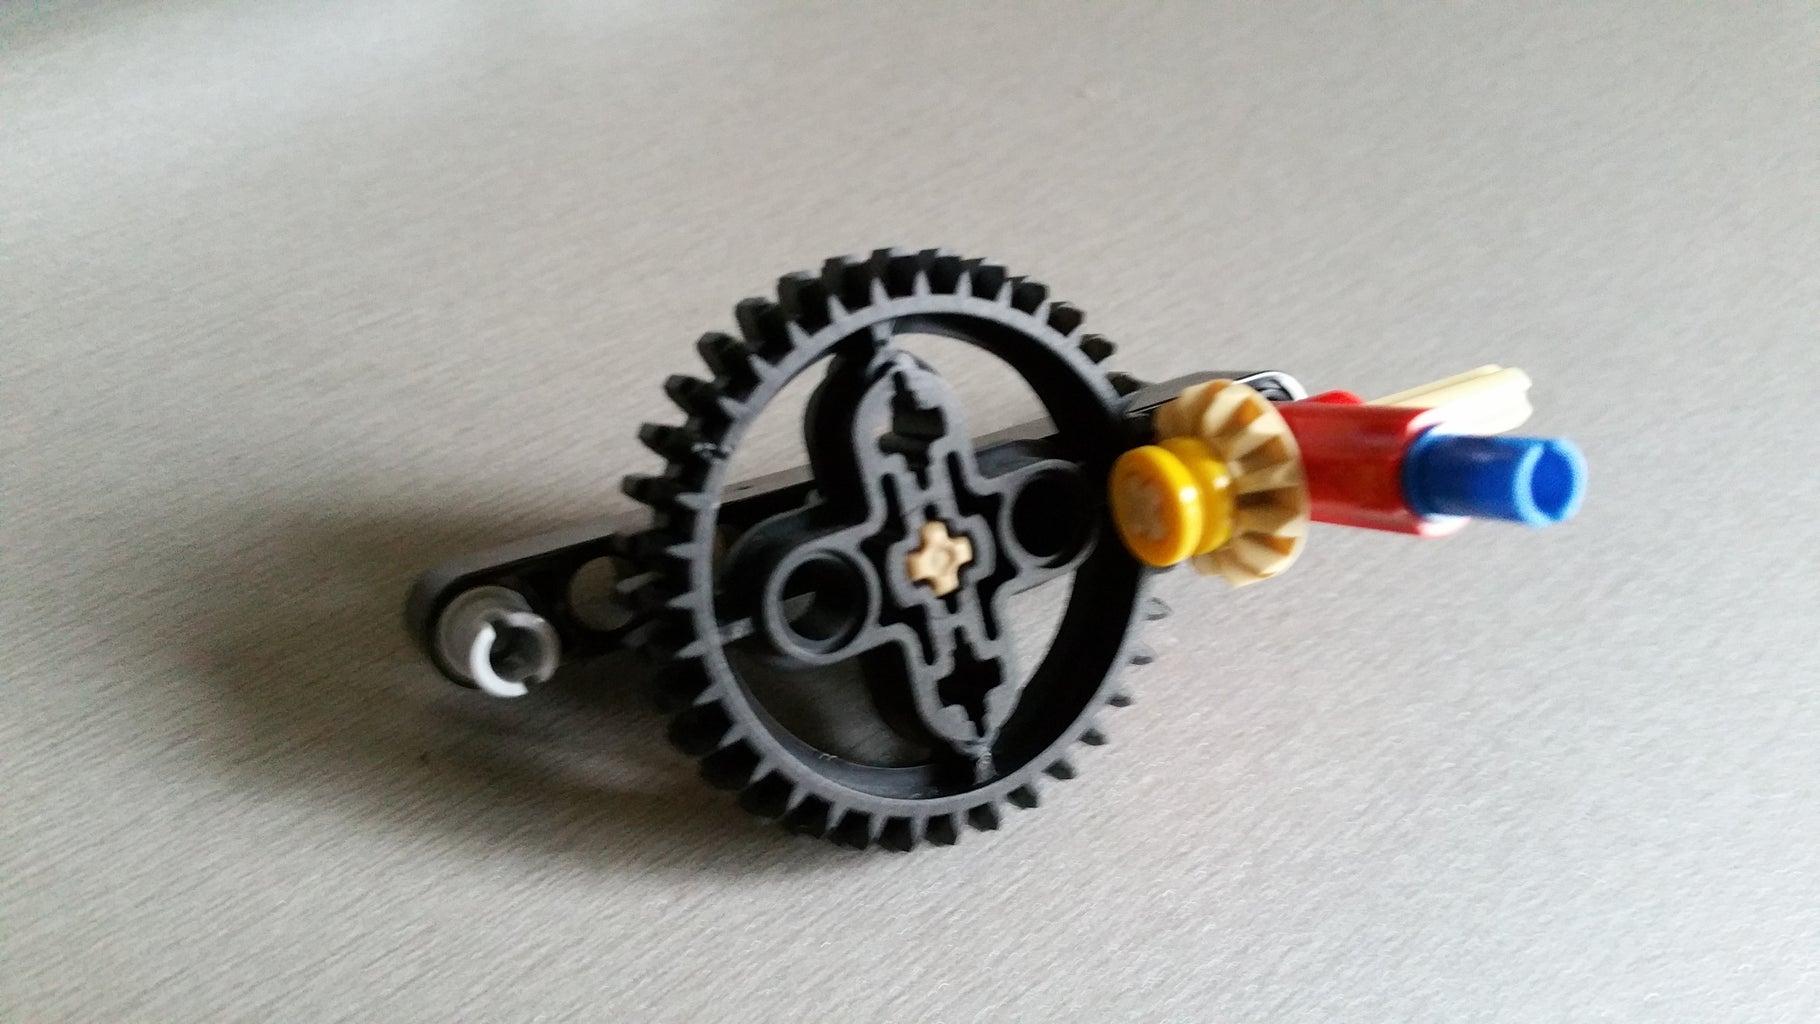 The Firing Mechanism